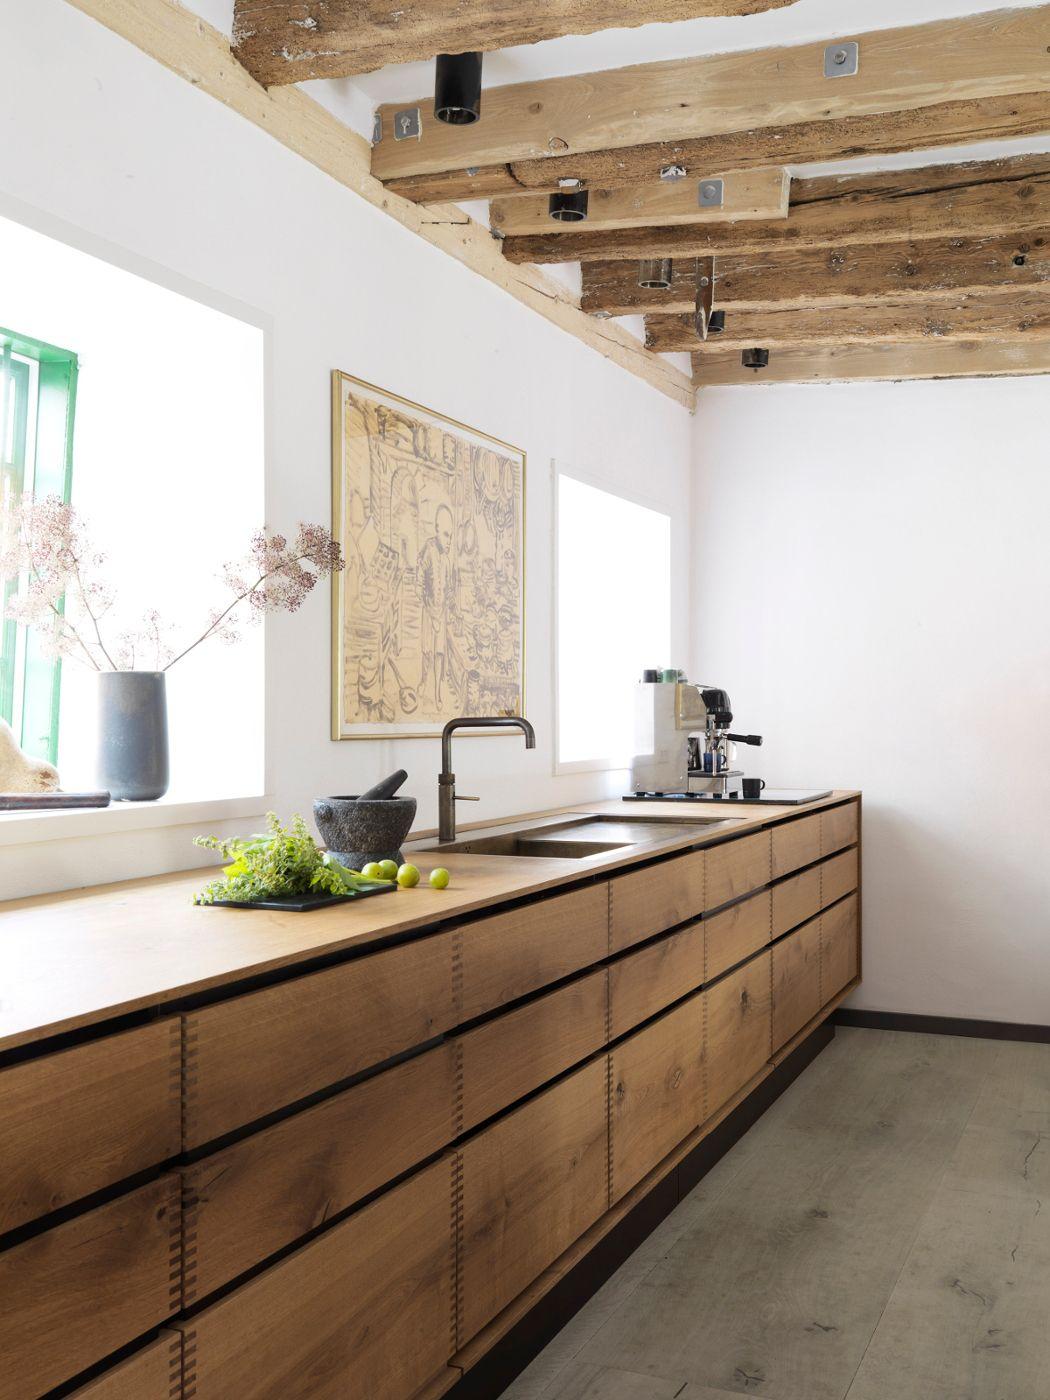 Des cuisines contemporaines rustiques | Danish kitchen, Bespoke and ...